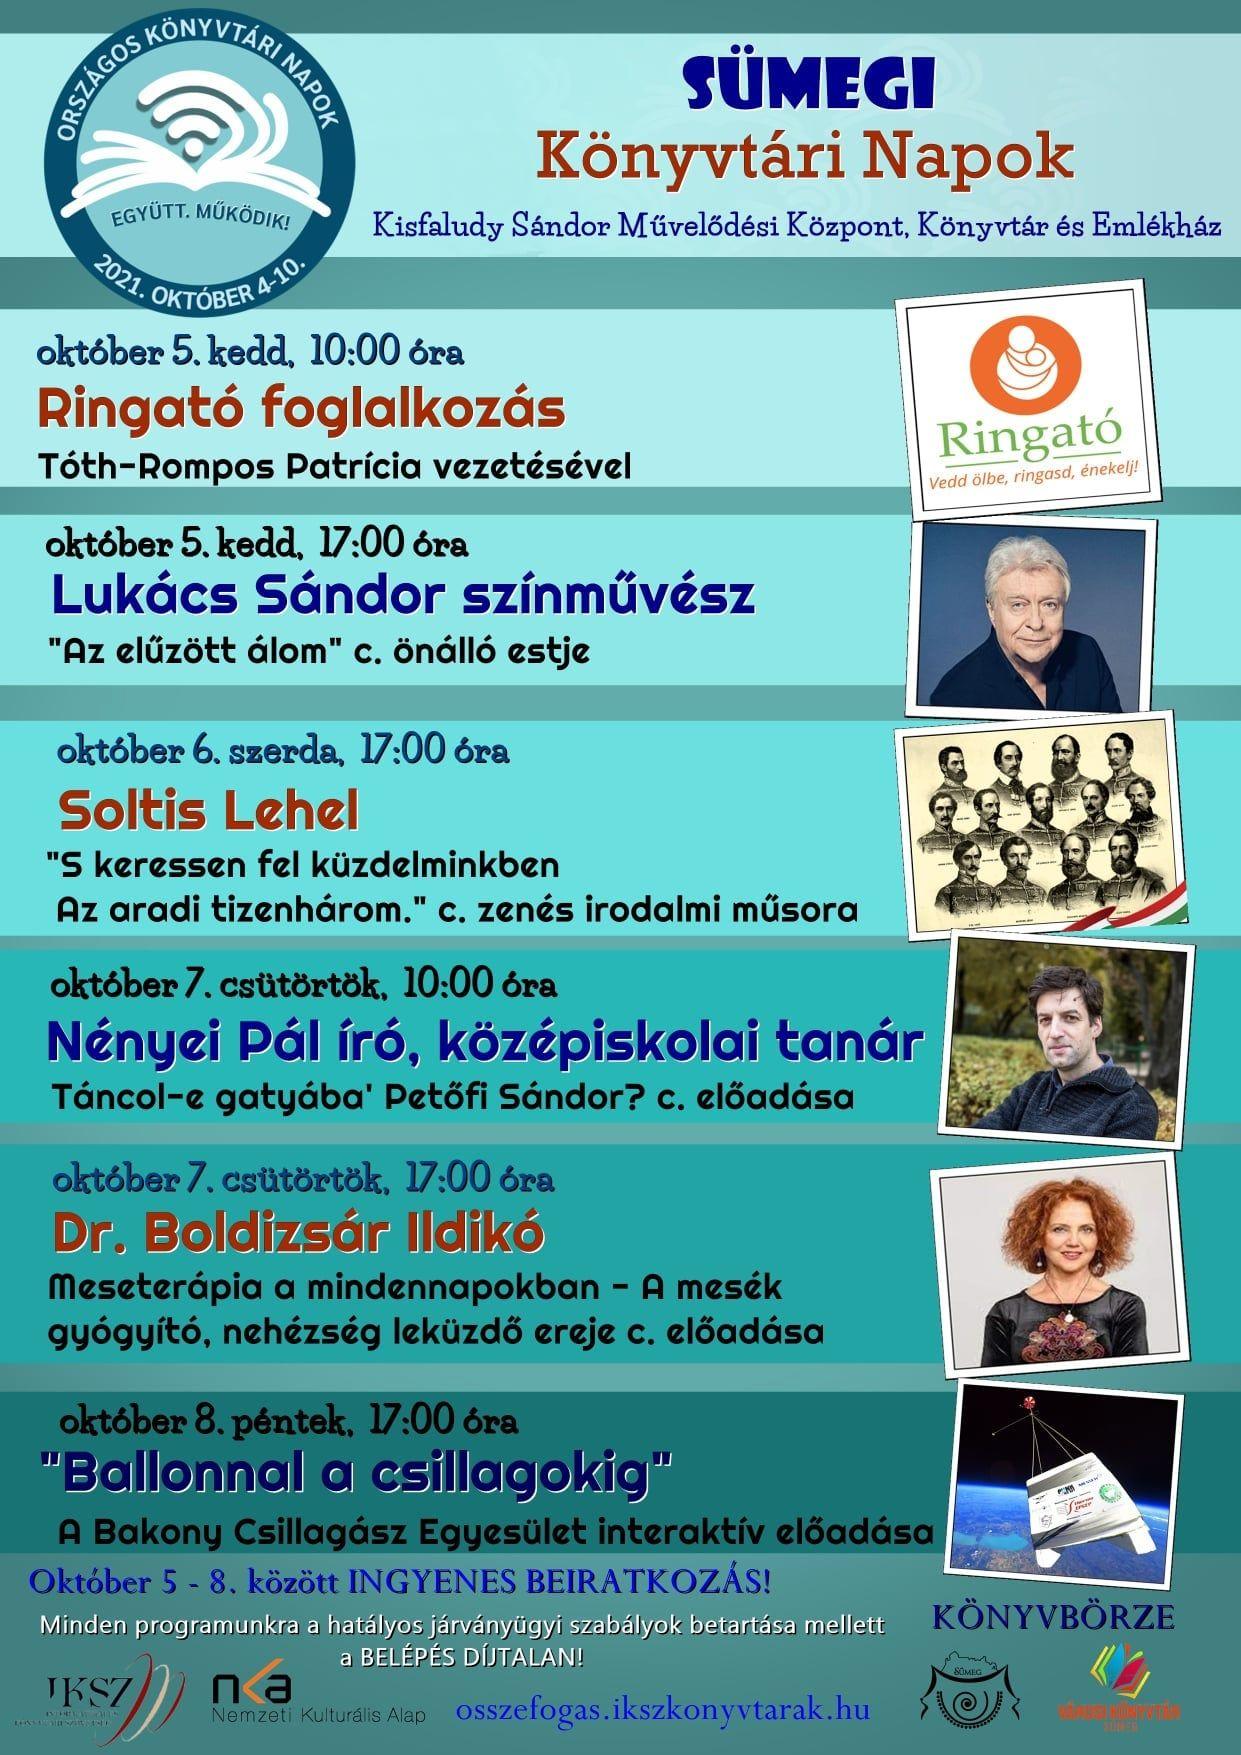 Könyvári napok: Ringató foglalkozás Tóth-Rompos Patrícia vezetésével